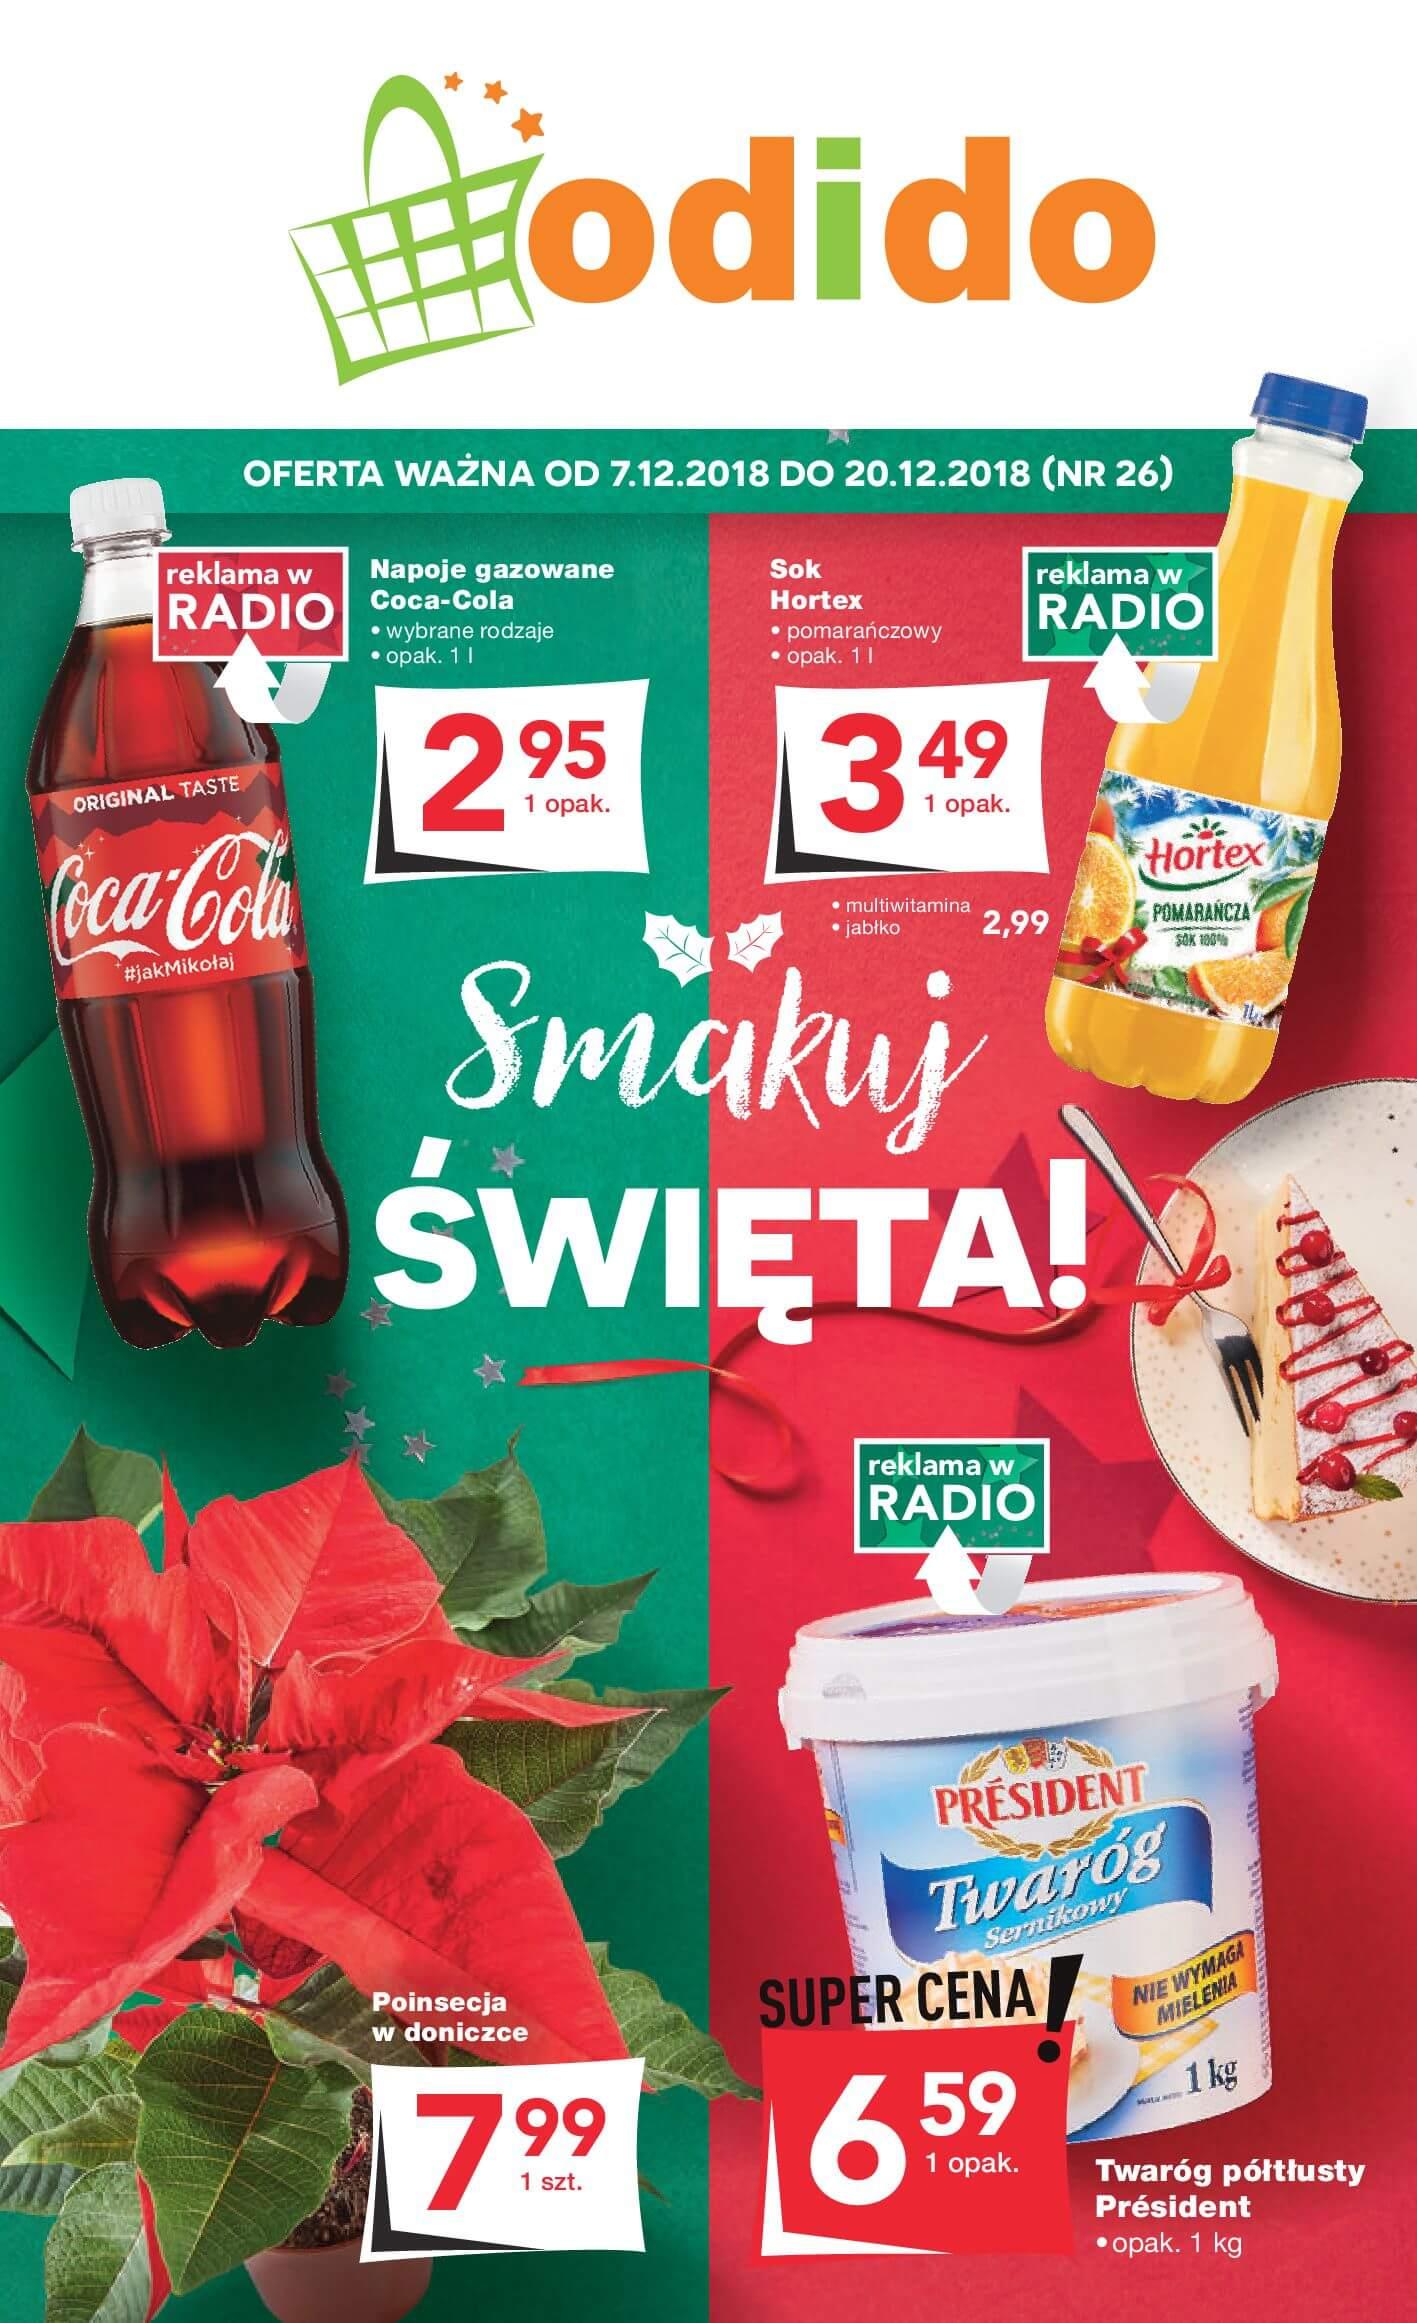 Gazetka Odido - Smakuj ŚWIĘTA!-05.12.2018-20.12.2018-page-